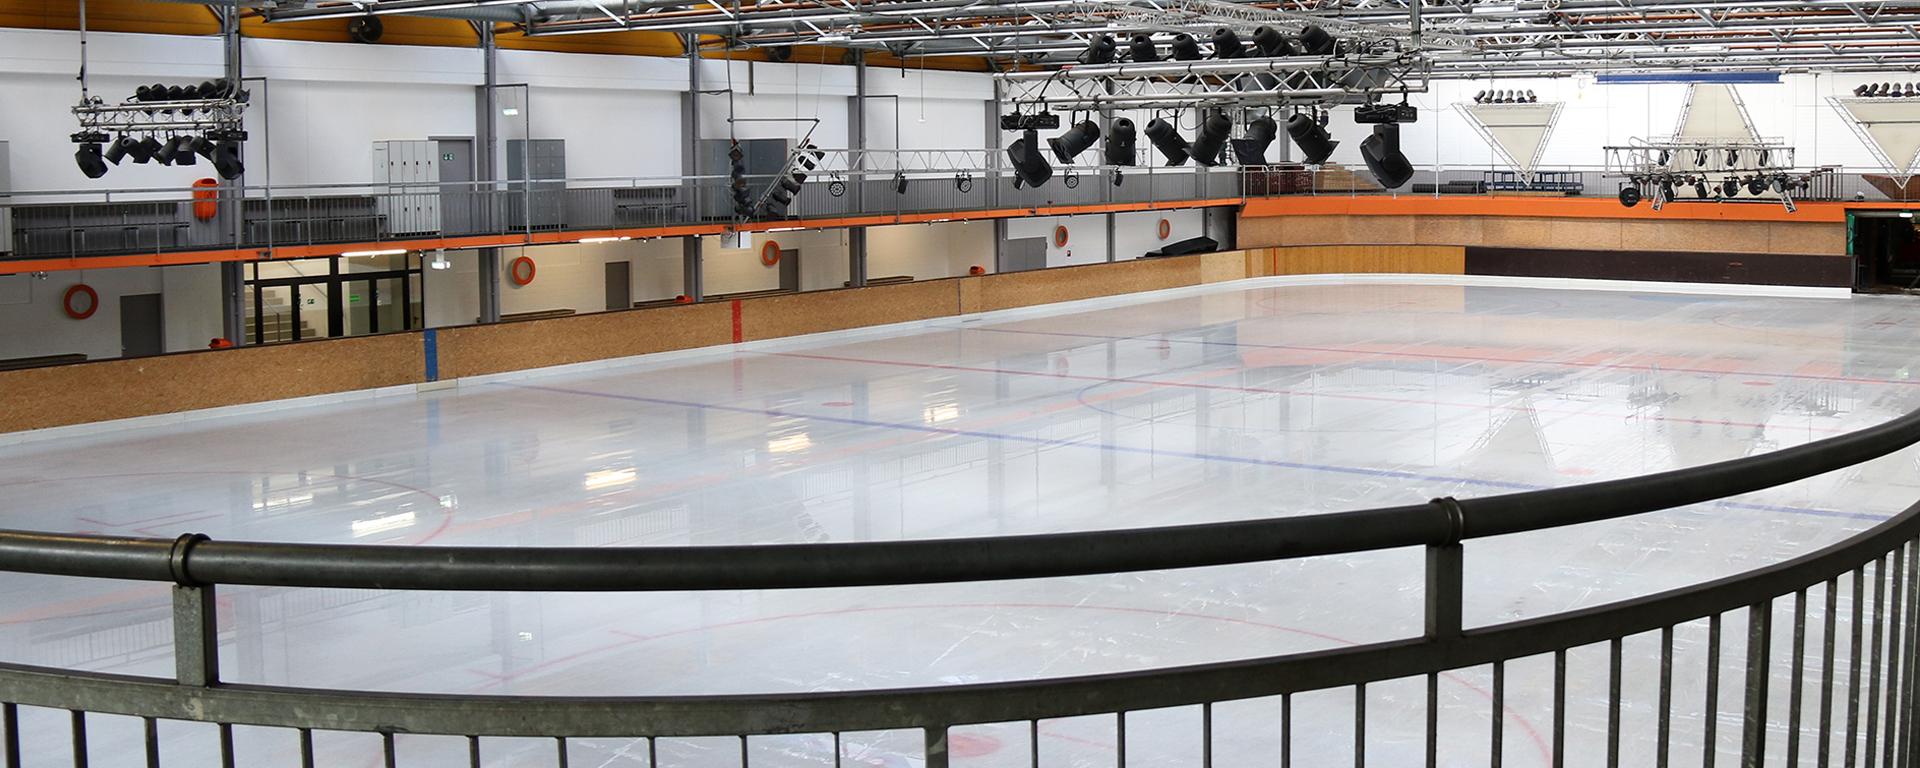 Schlittschuhlaufen Eishalle Adelberg Schorndorf Stuttgart